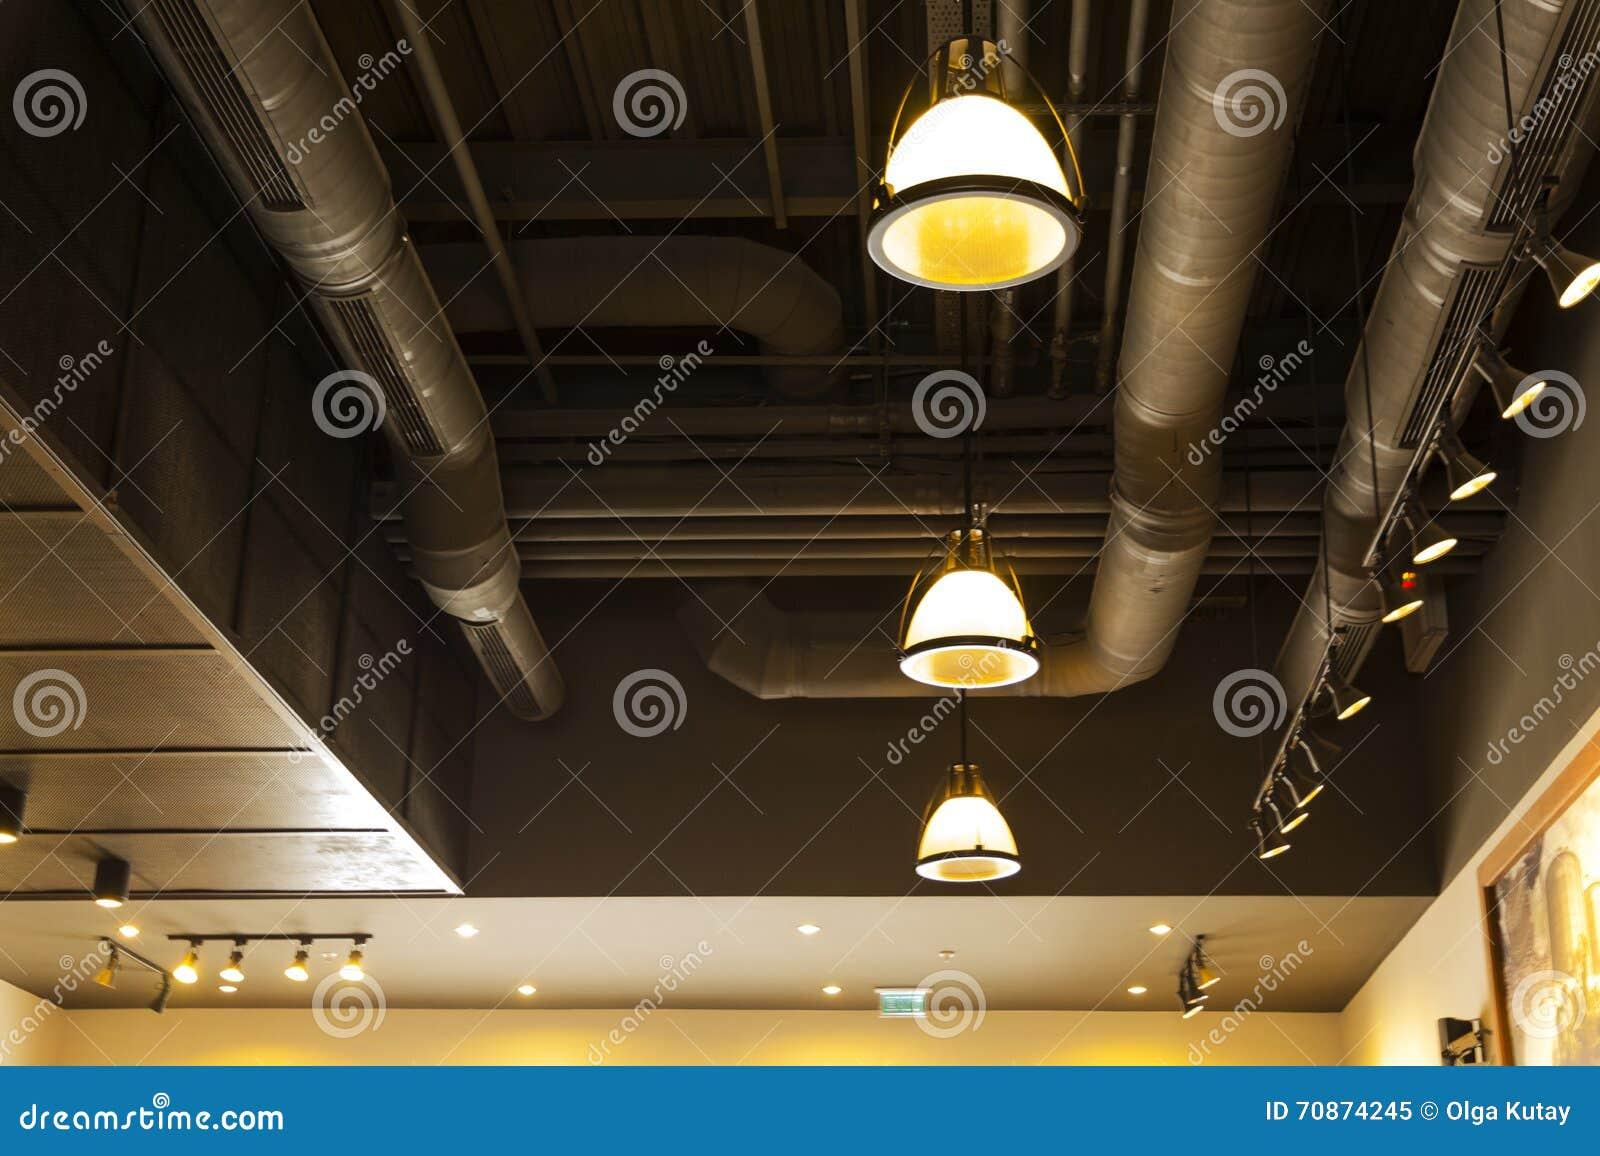 Materiale di illuminazione illuminato ufficio soffitto moderno